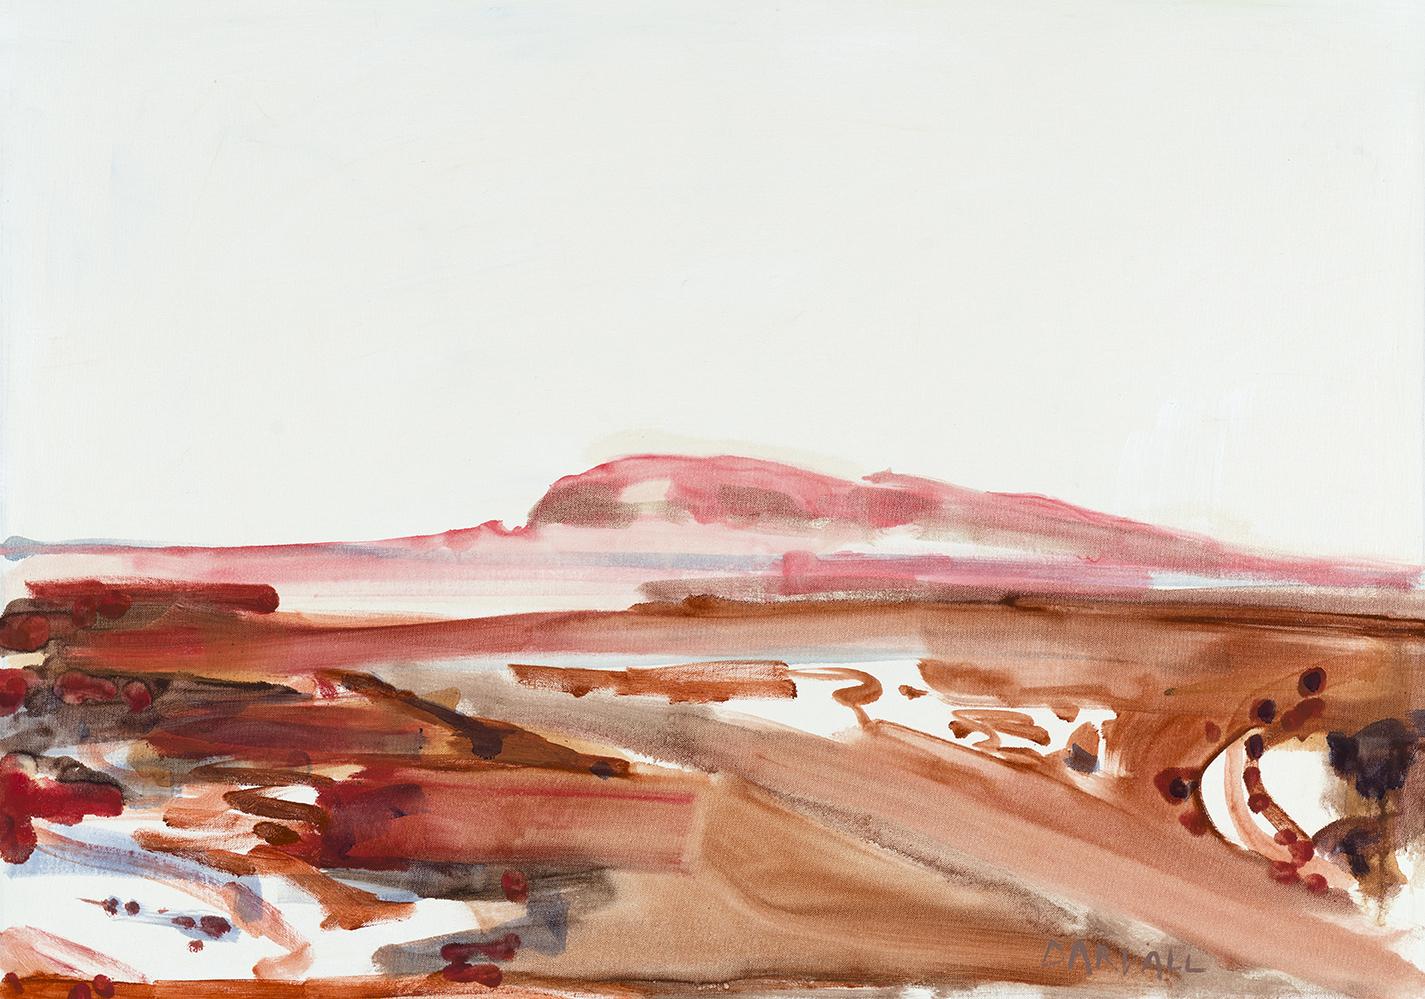 Jarndunmunha Jo Darvall 2015 oil on canvas 70 x 100 cm .jpg